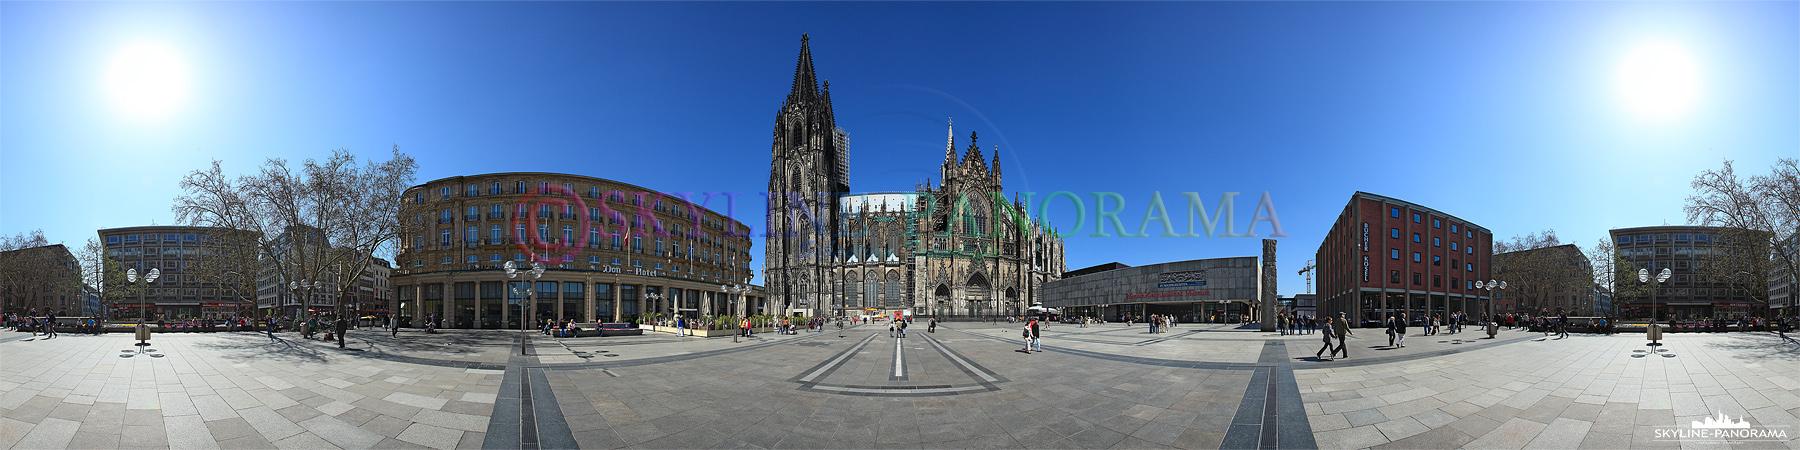 Köln Bilder - Panorama der Domplatte mit dem Kölner Dom im Zentrum.